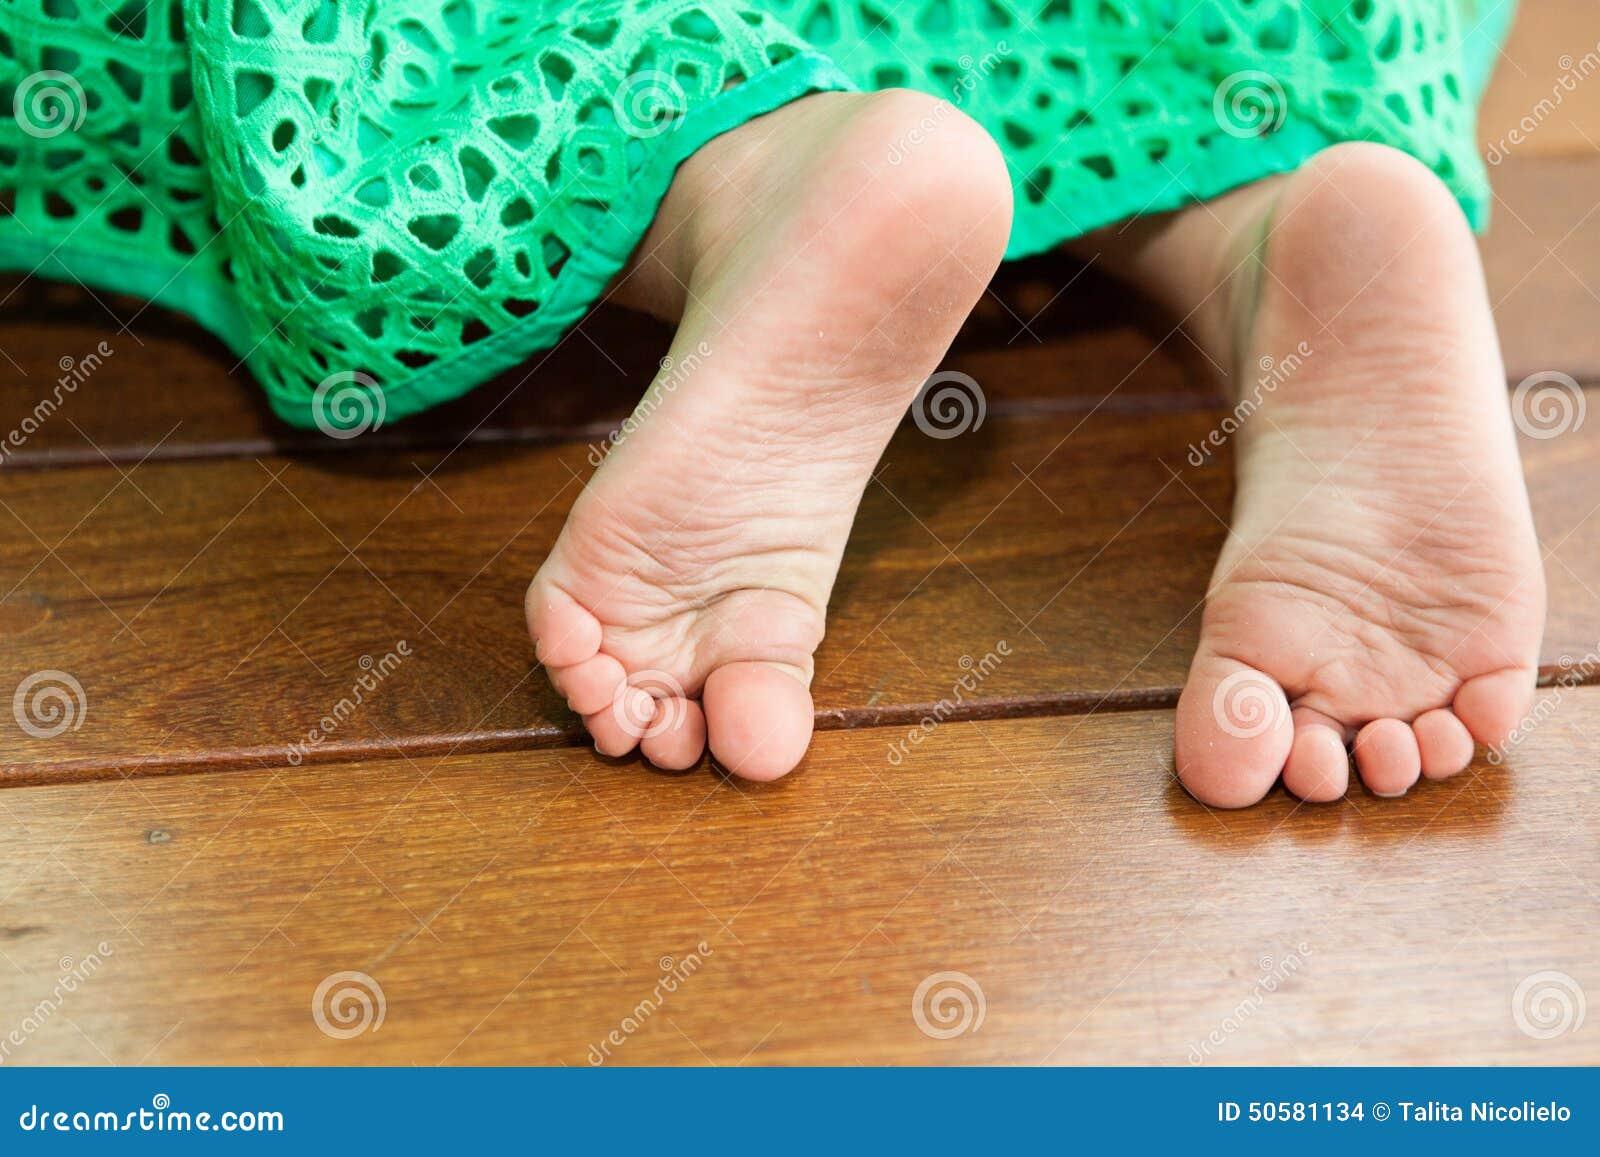 Feet girls dirty Beautiful woman